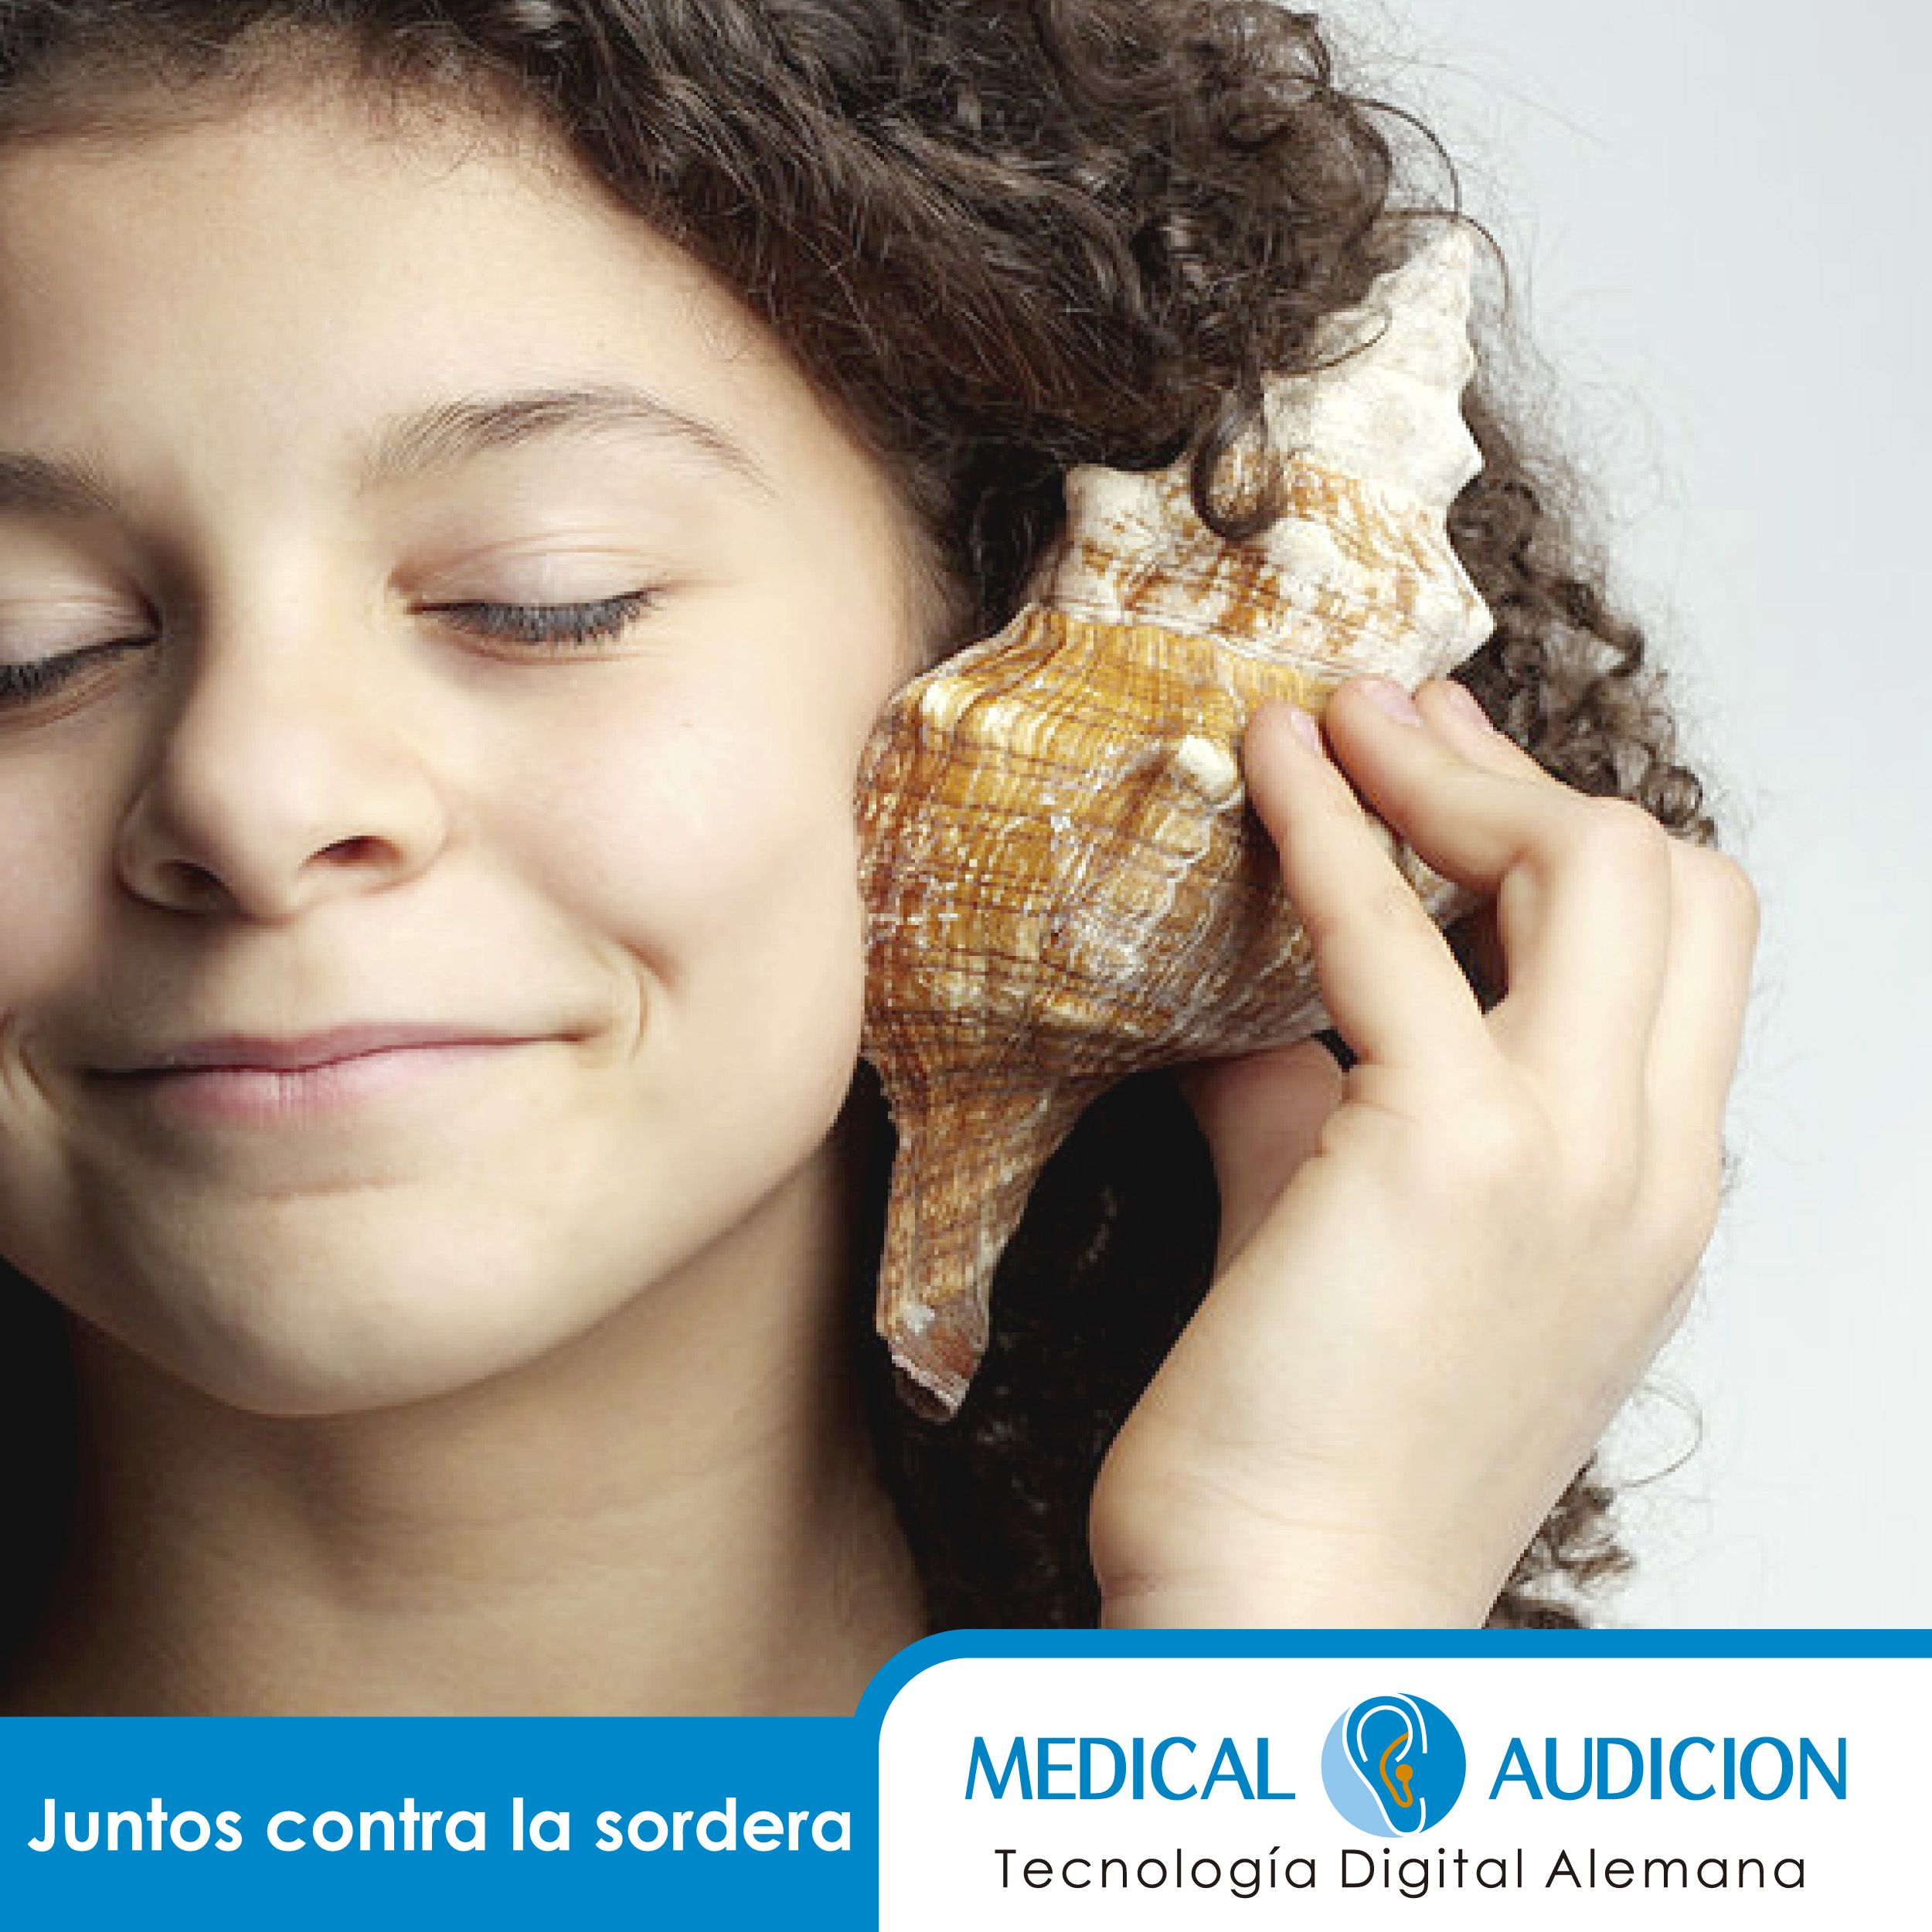 Lo que #escuchas en las conchas marinas no es el #sonidodelmar ni tampoco... Entérate más: www.medicalaudicion.com/blog/lo-que-escuchas-en-las-conchas-marinas/